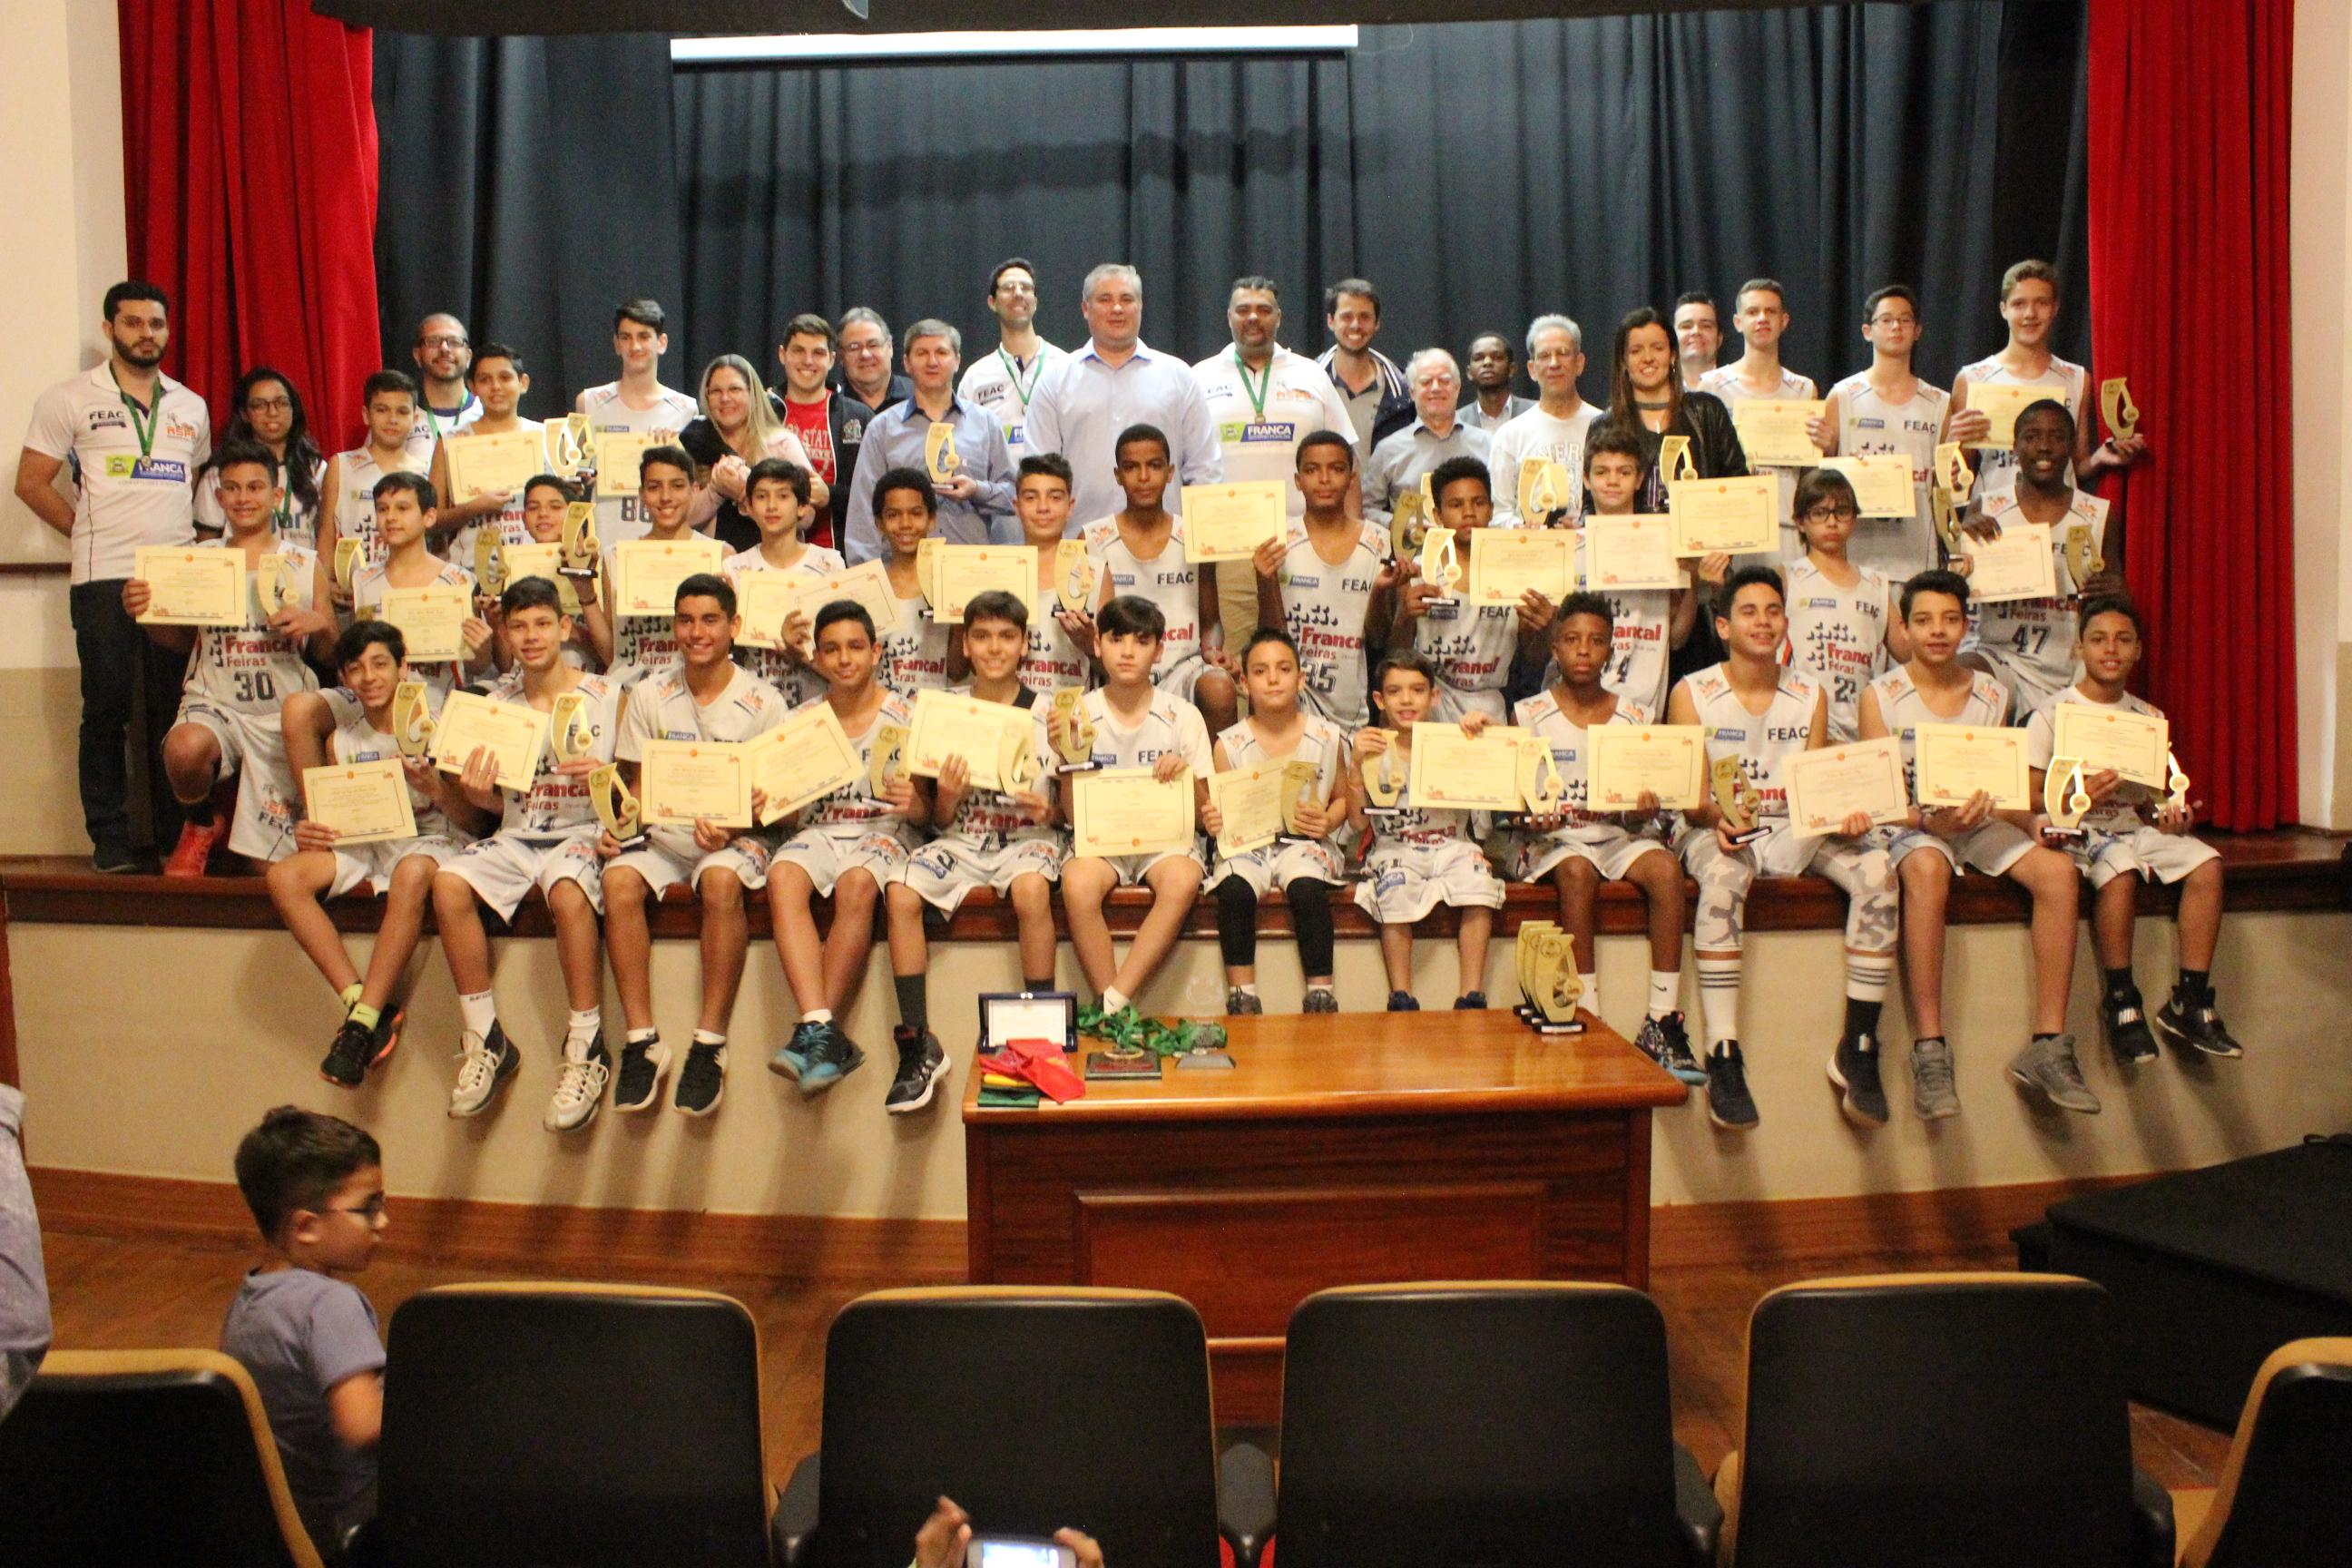 Alunos do Instituto ASPA recebem troféu Bom de Nota